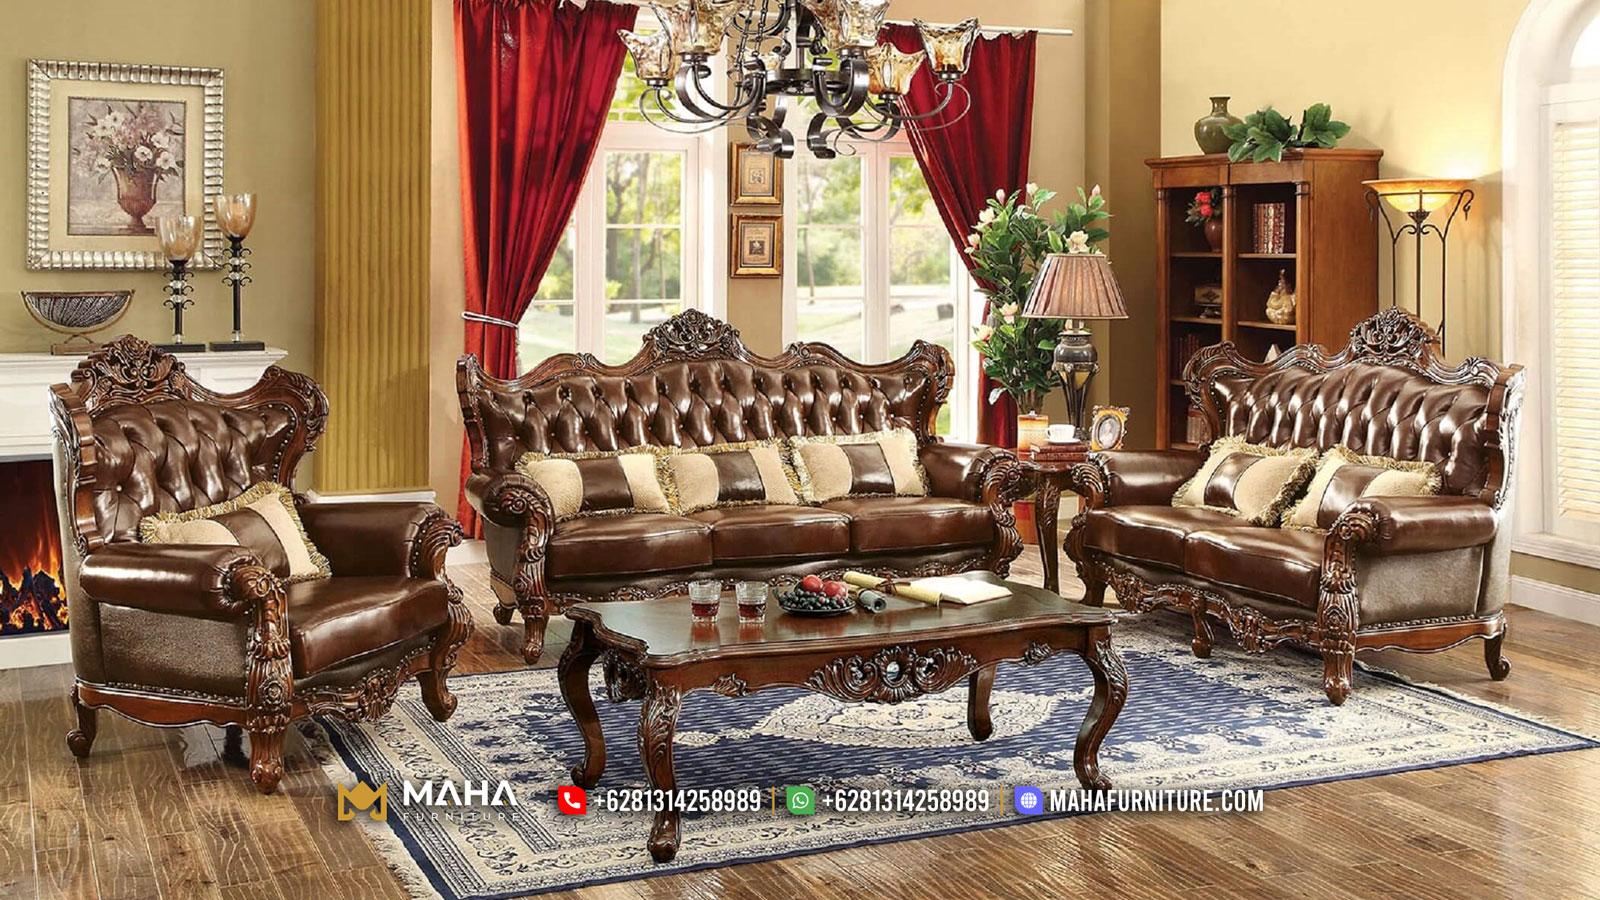 100 % High Quality Sofa Tamu Mewah Terbaru Natural Jati Perhutani Jepara MF31